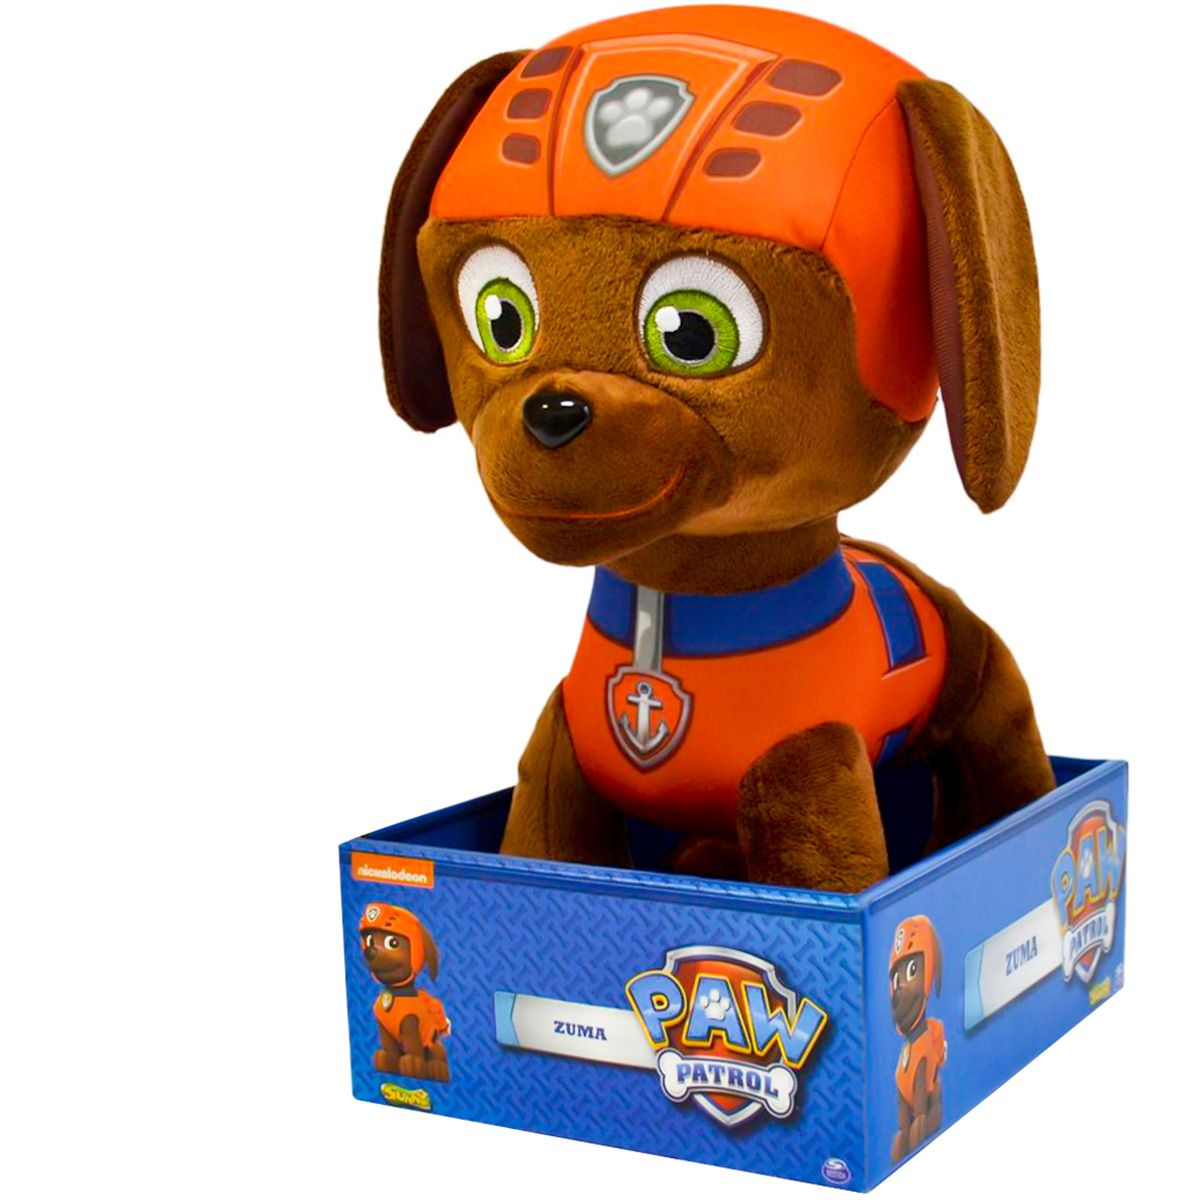 Patrulha Canina Pelúcia Zuma com Quebra-cabeça Littlest Pet Shop